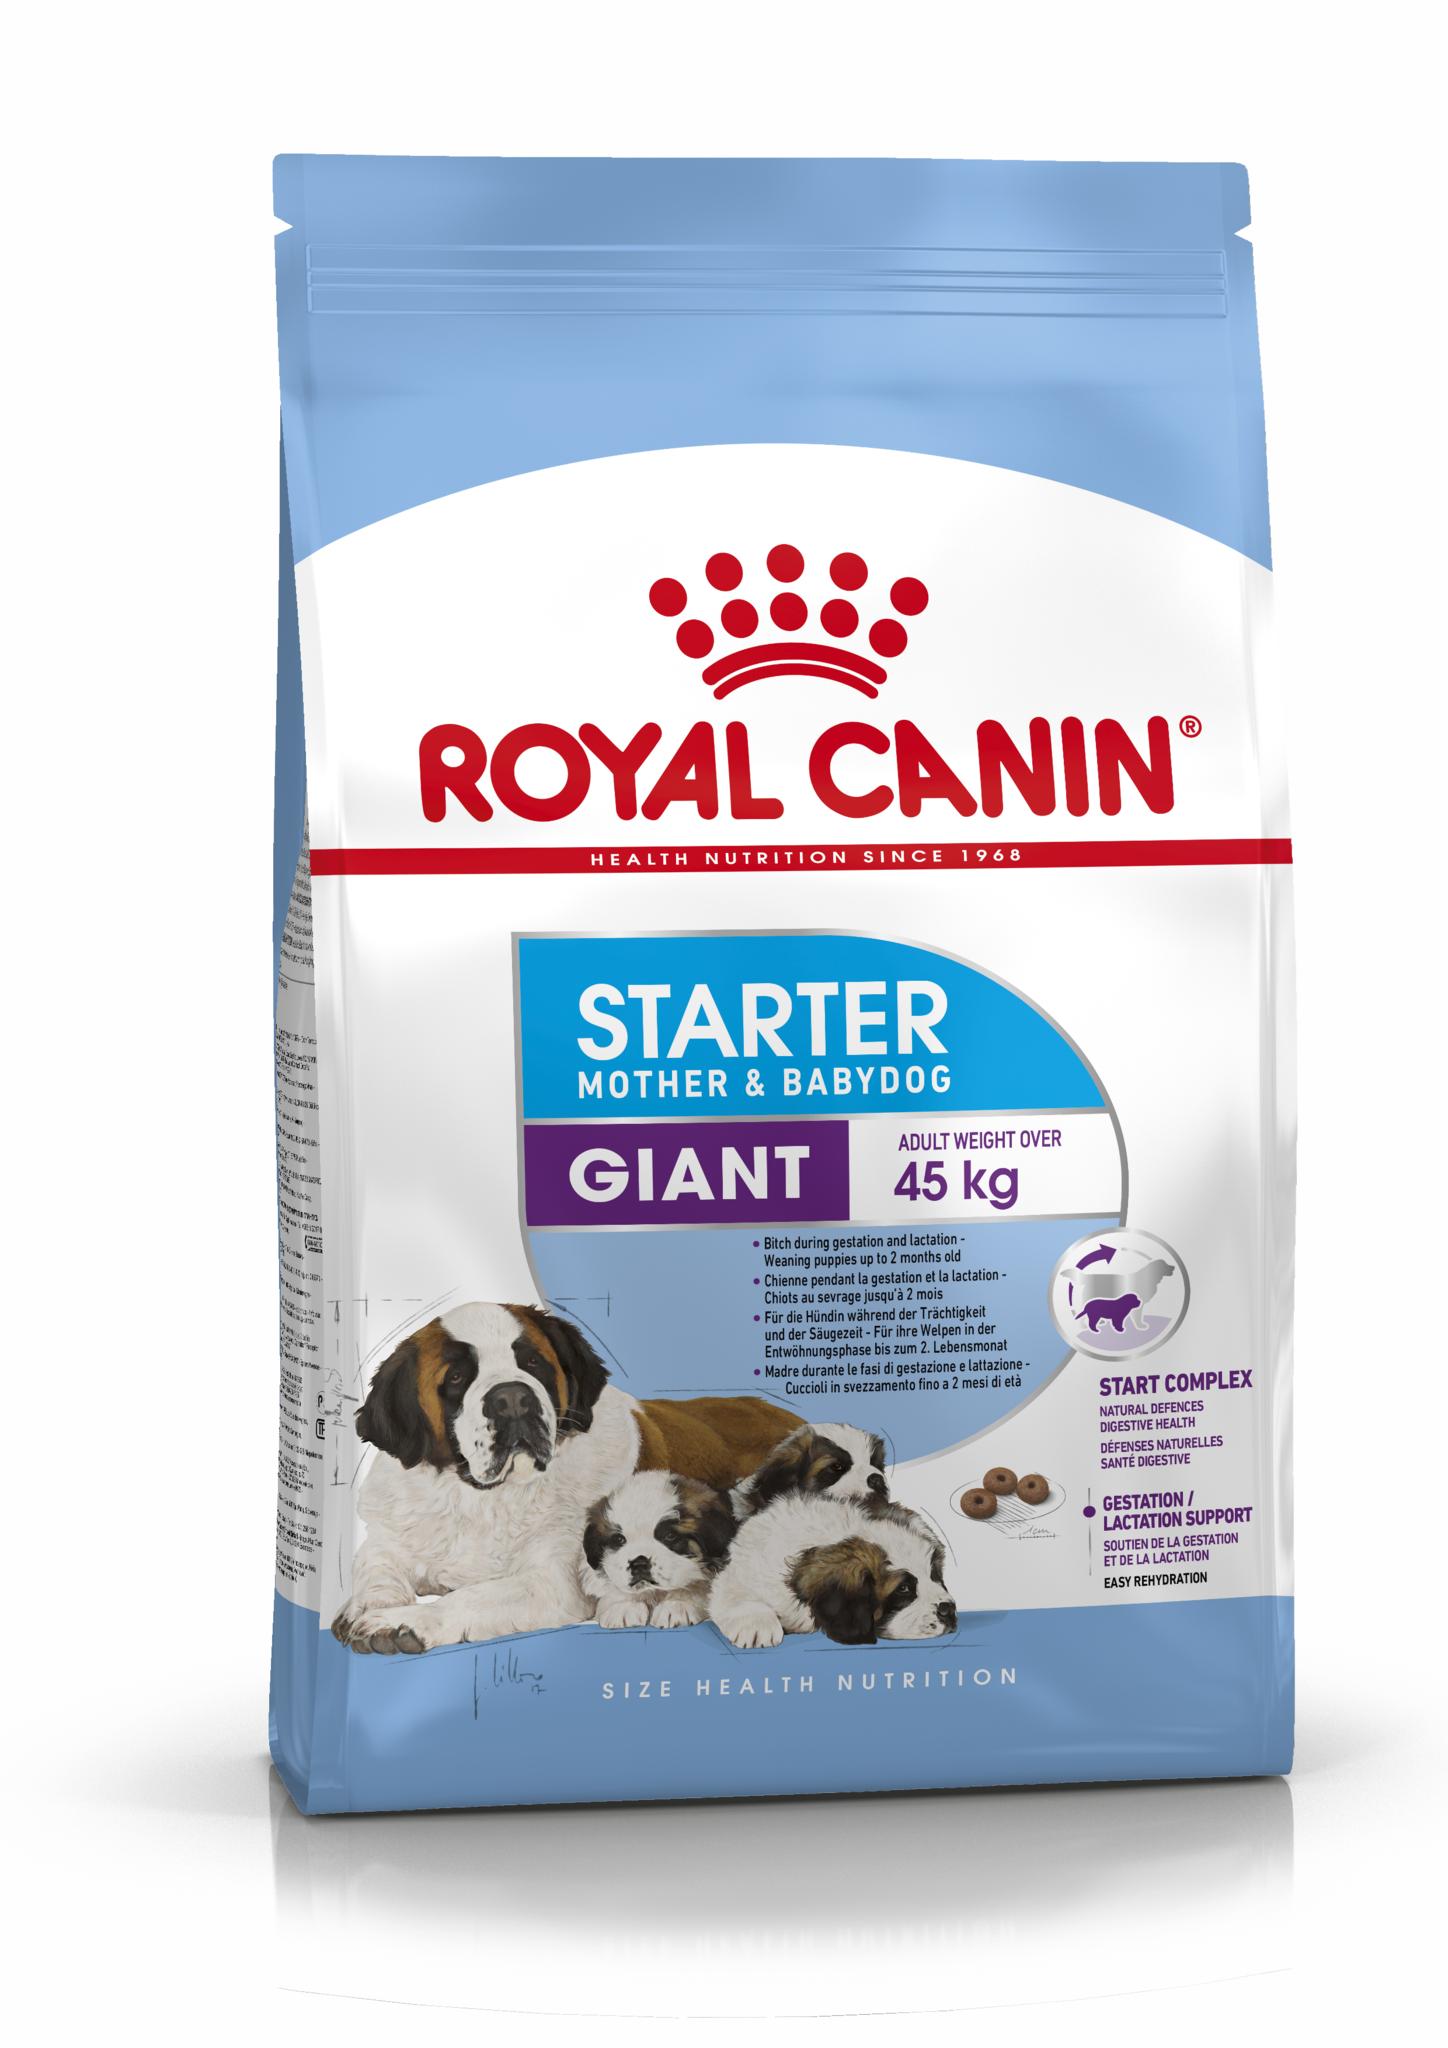 Сухой корм Корм для щенков очень крупных размеров до 2-х месяцев и беременных сук, Royal Canin Giant Starter Mother & Babydog 3182550778824_1.png